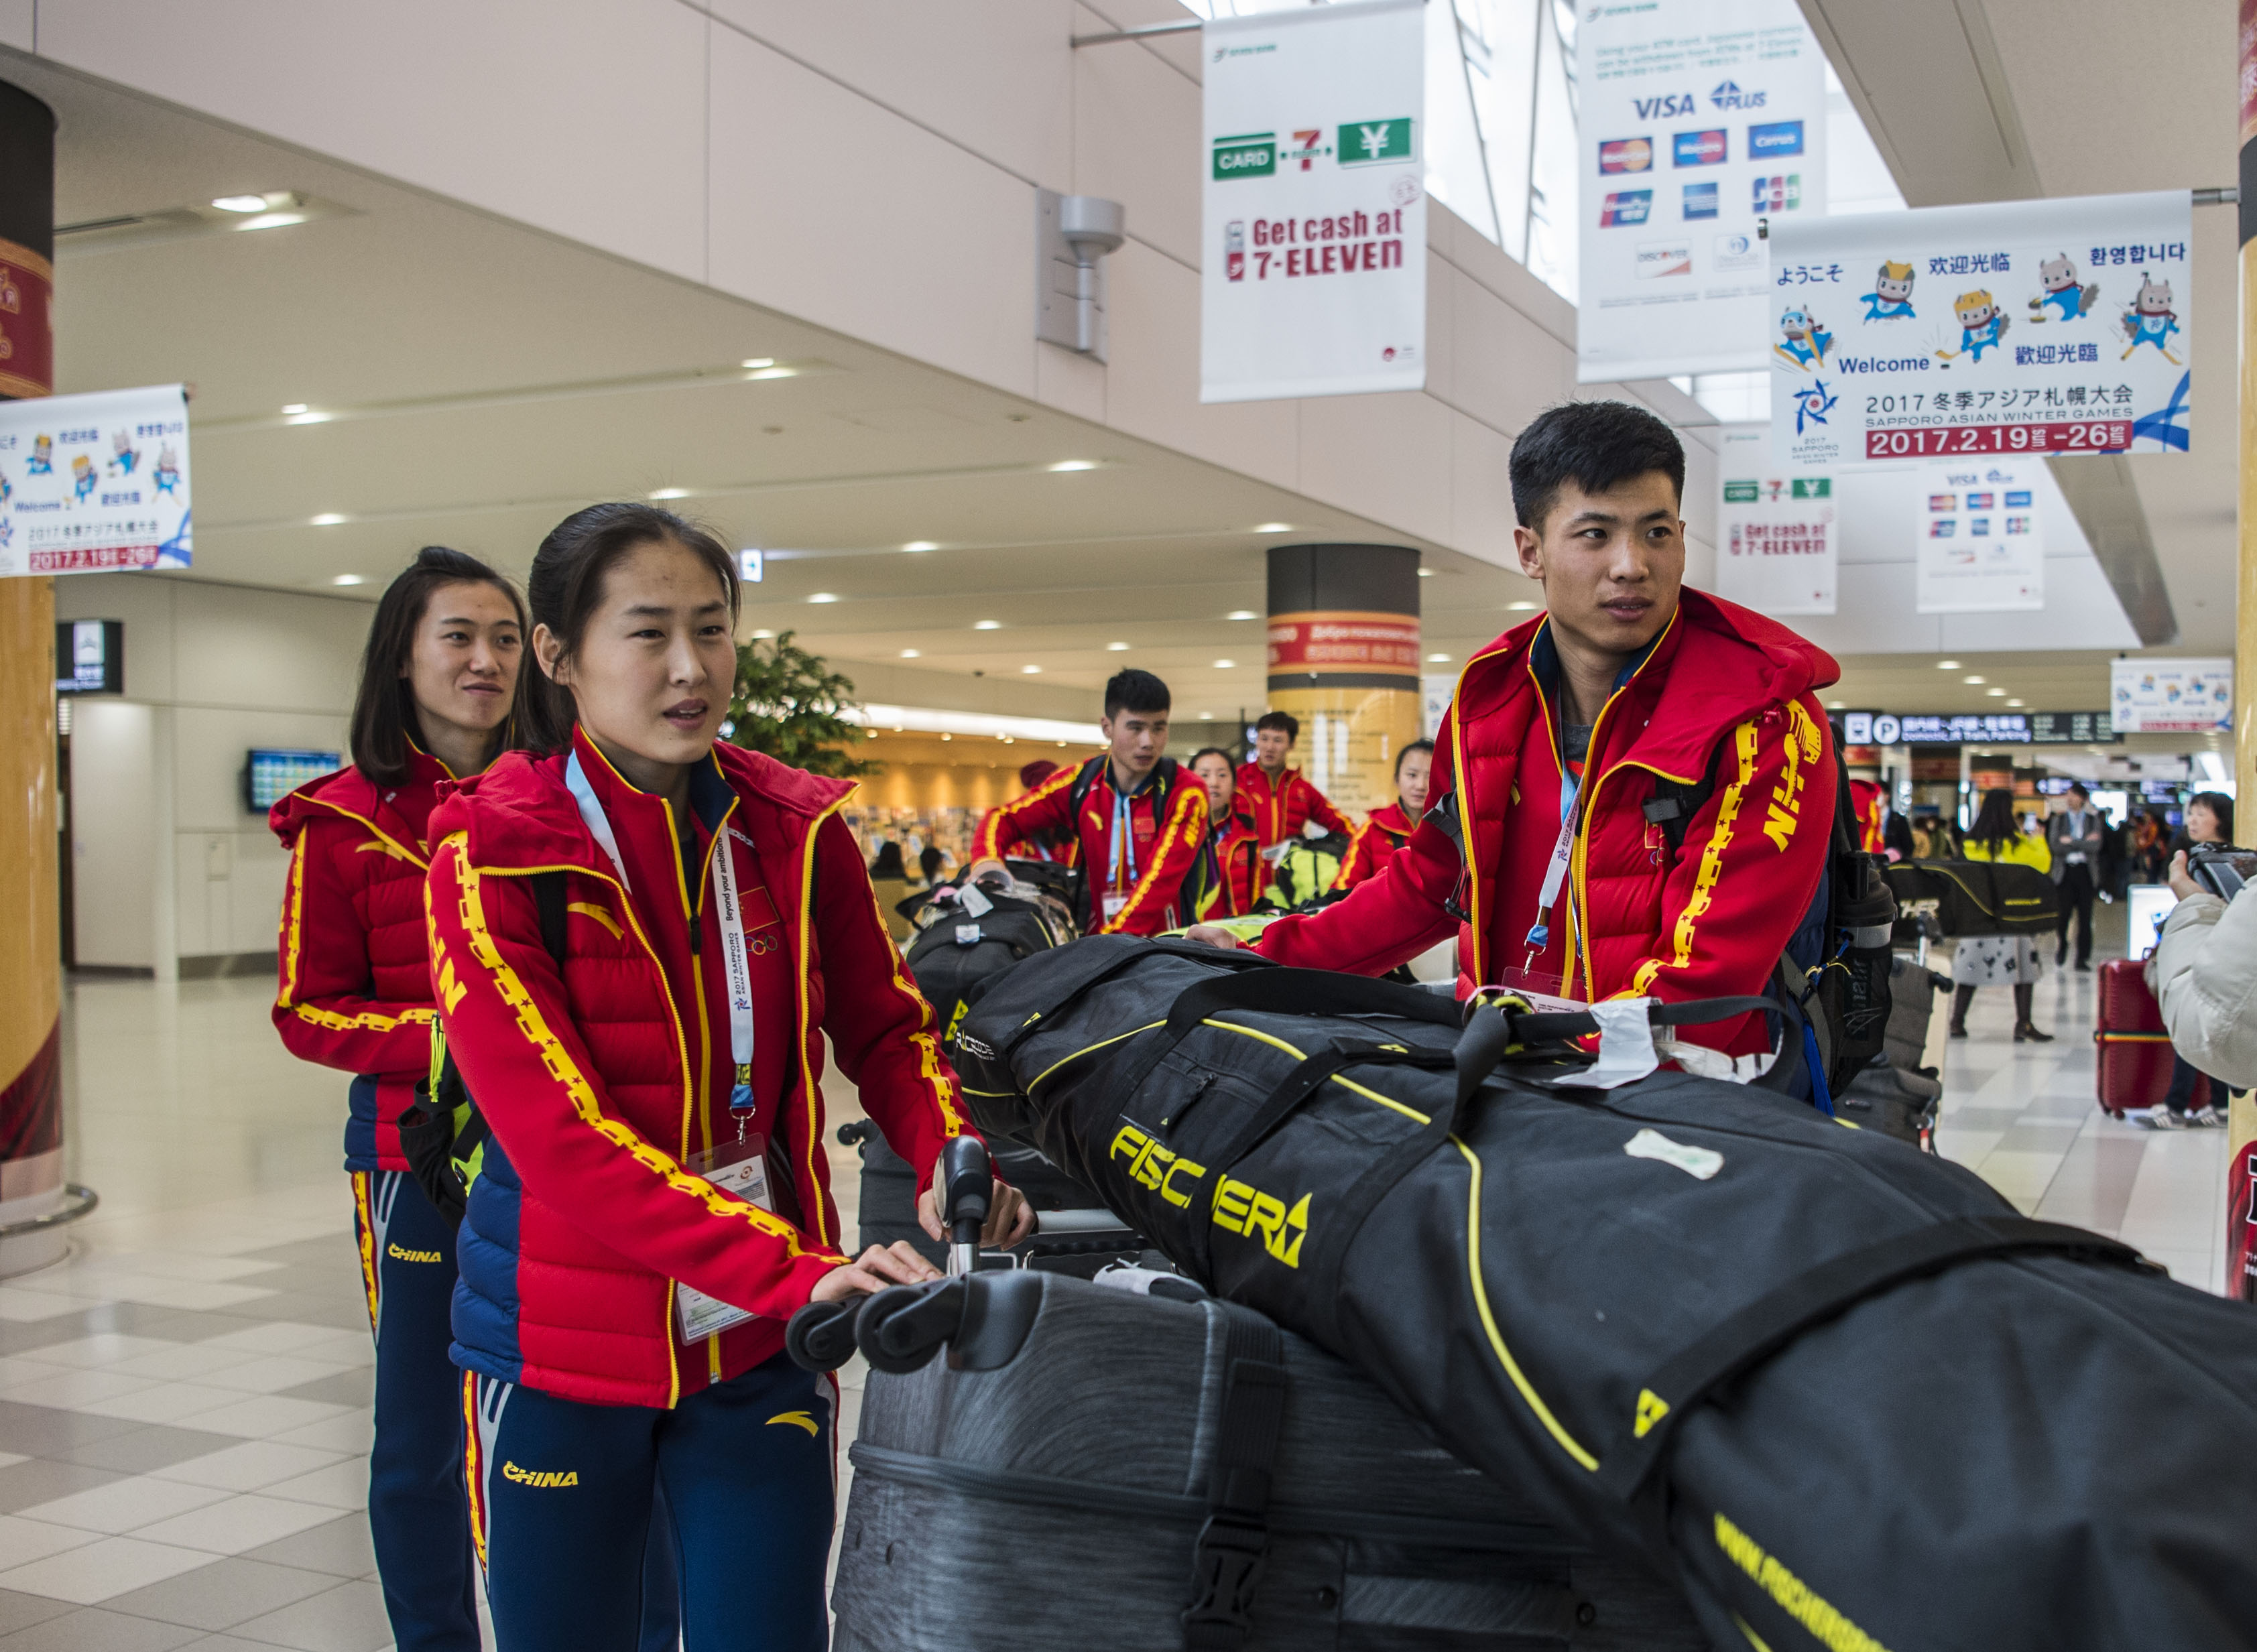 图为中国代表团越野滑雪队队员马清华(前左)、魏蒙(前右)等抵达新千岁机场。 新华社记者江文耀摄